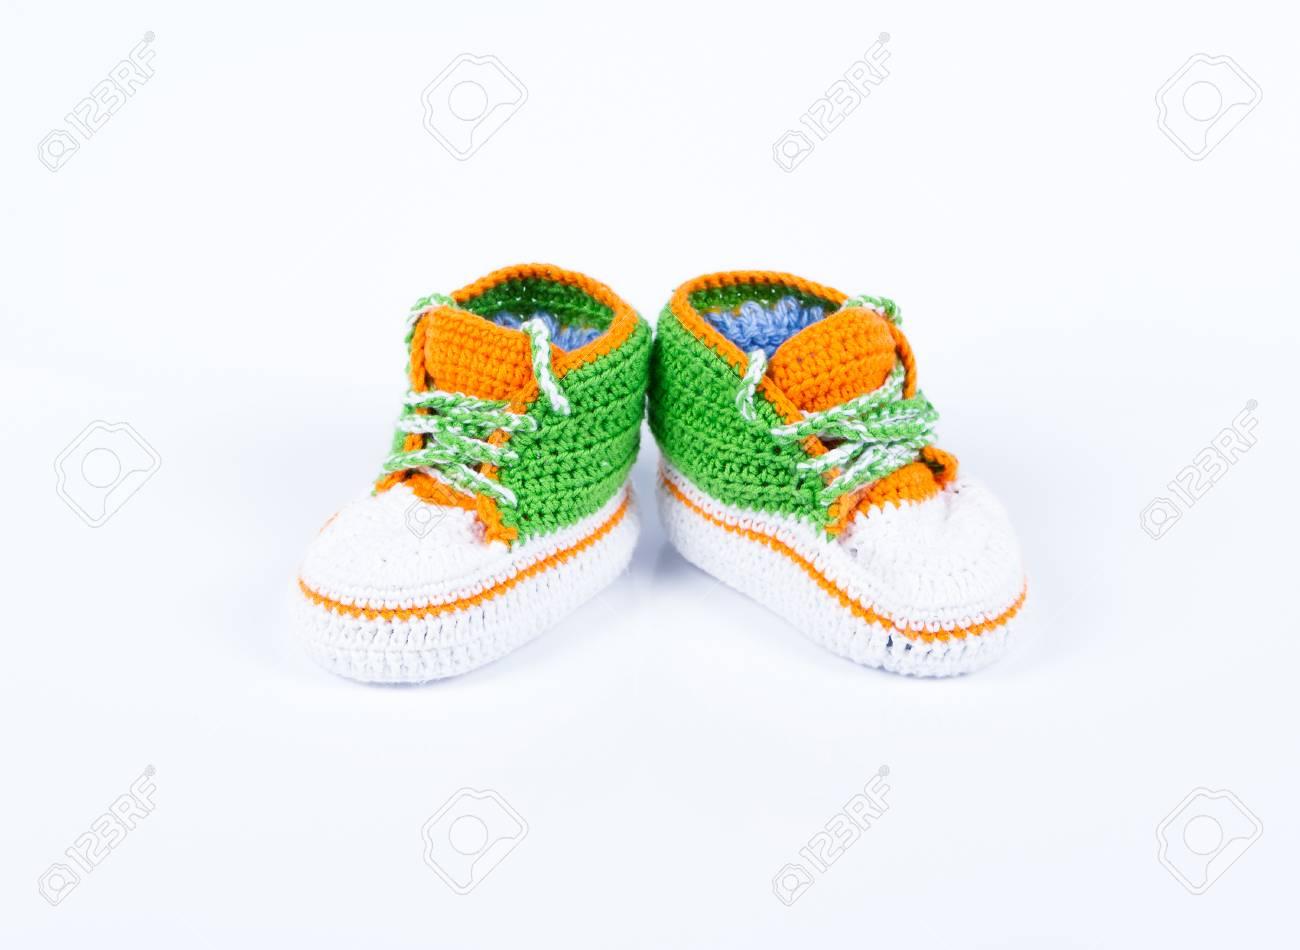 Hermosa Las Pautas De Zapatillas De Ganchillo Fotos - Coser Ideas ...